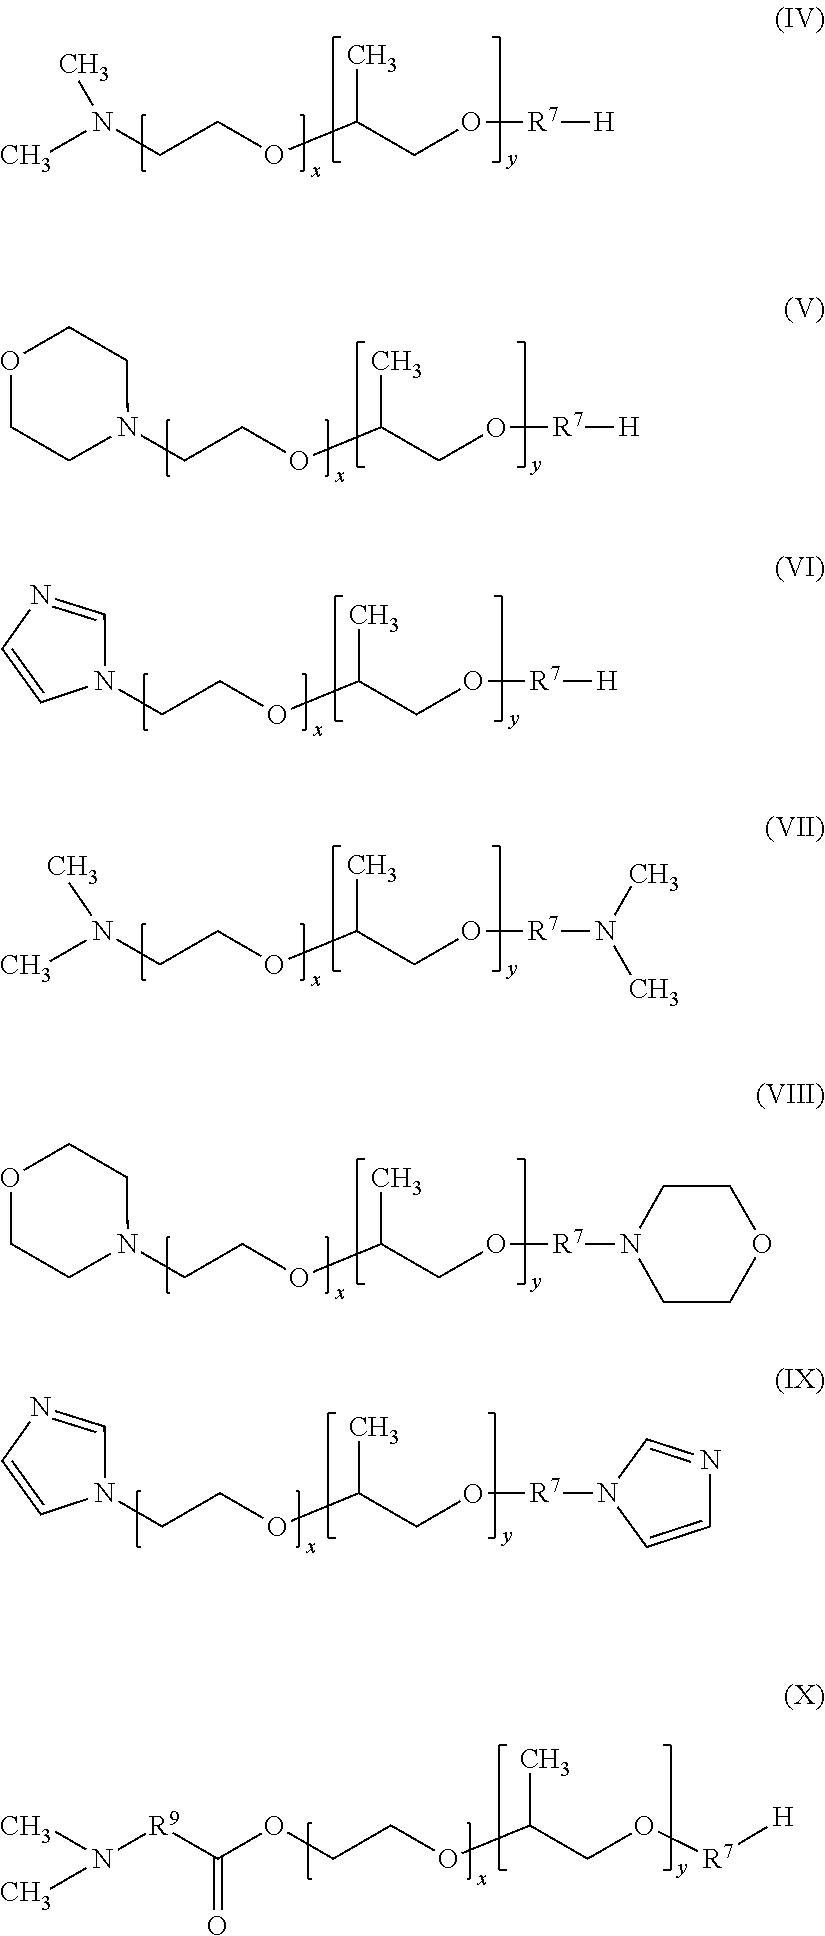 Figure US09309271-20160412-C00002